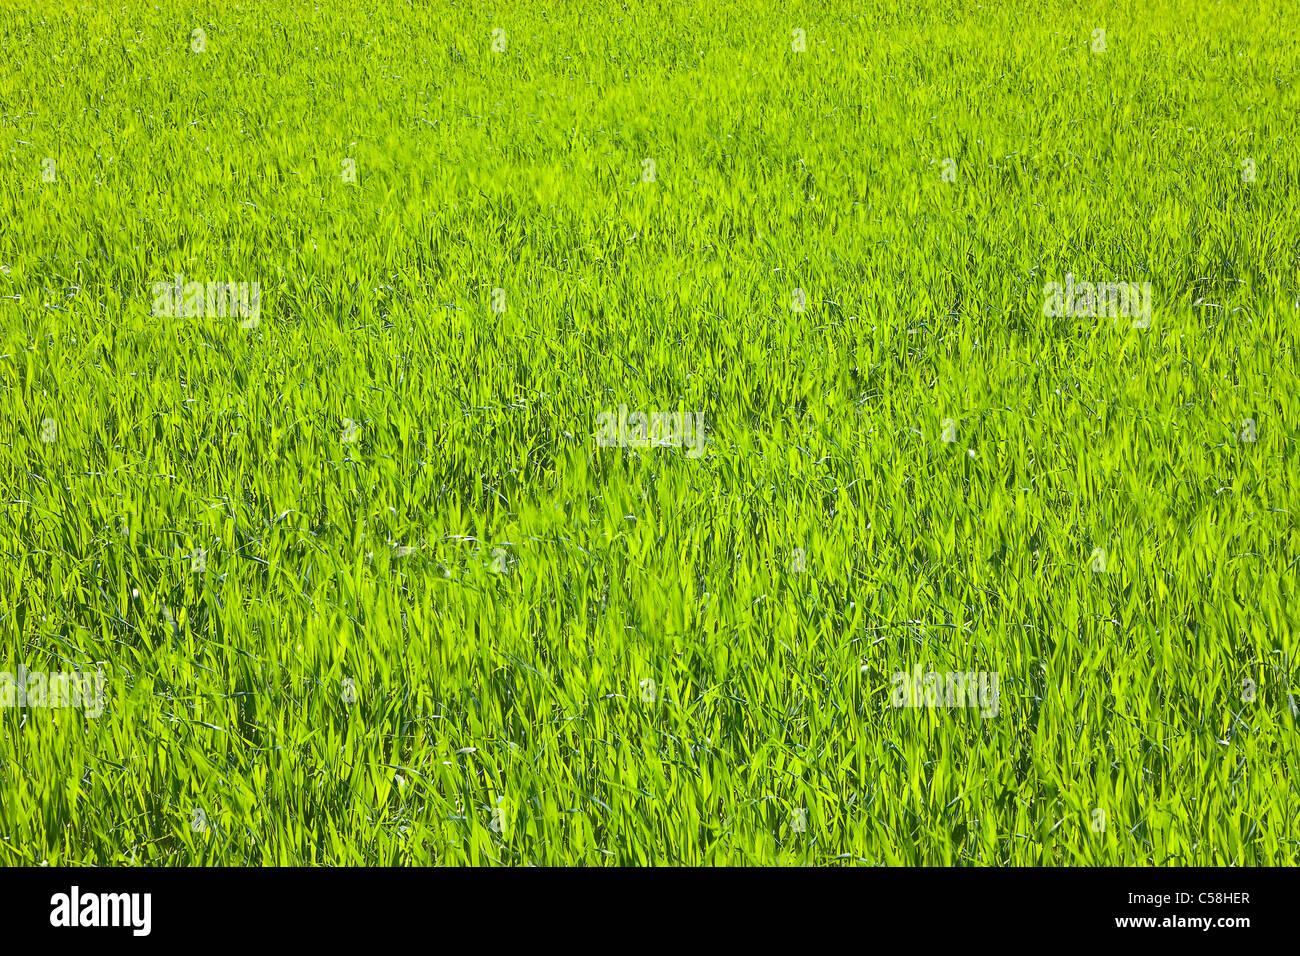 La nature, l'herbe, plante, tondu, pelouses, brins d'herbe, prairie, vert Banque D'Images